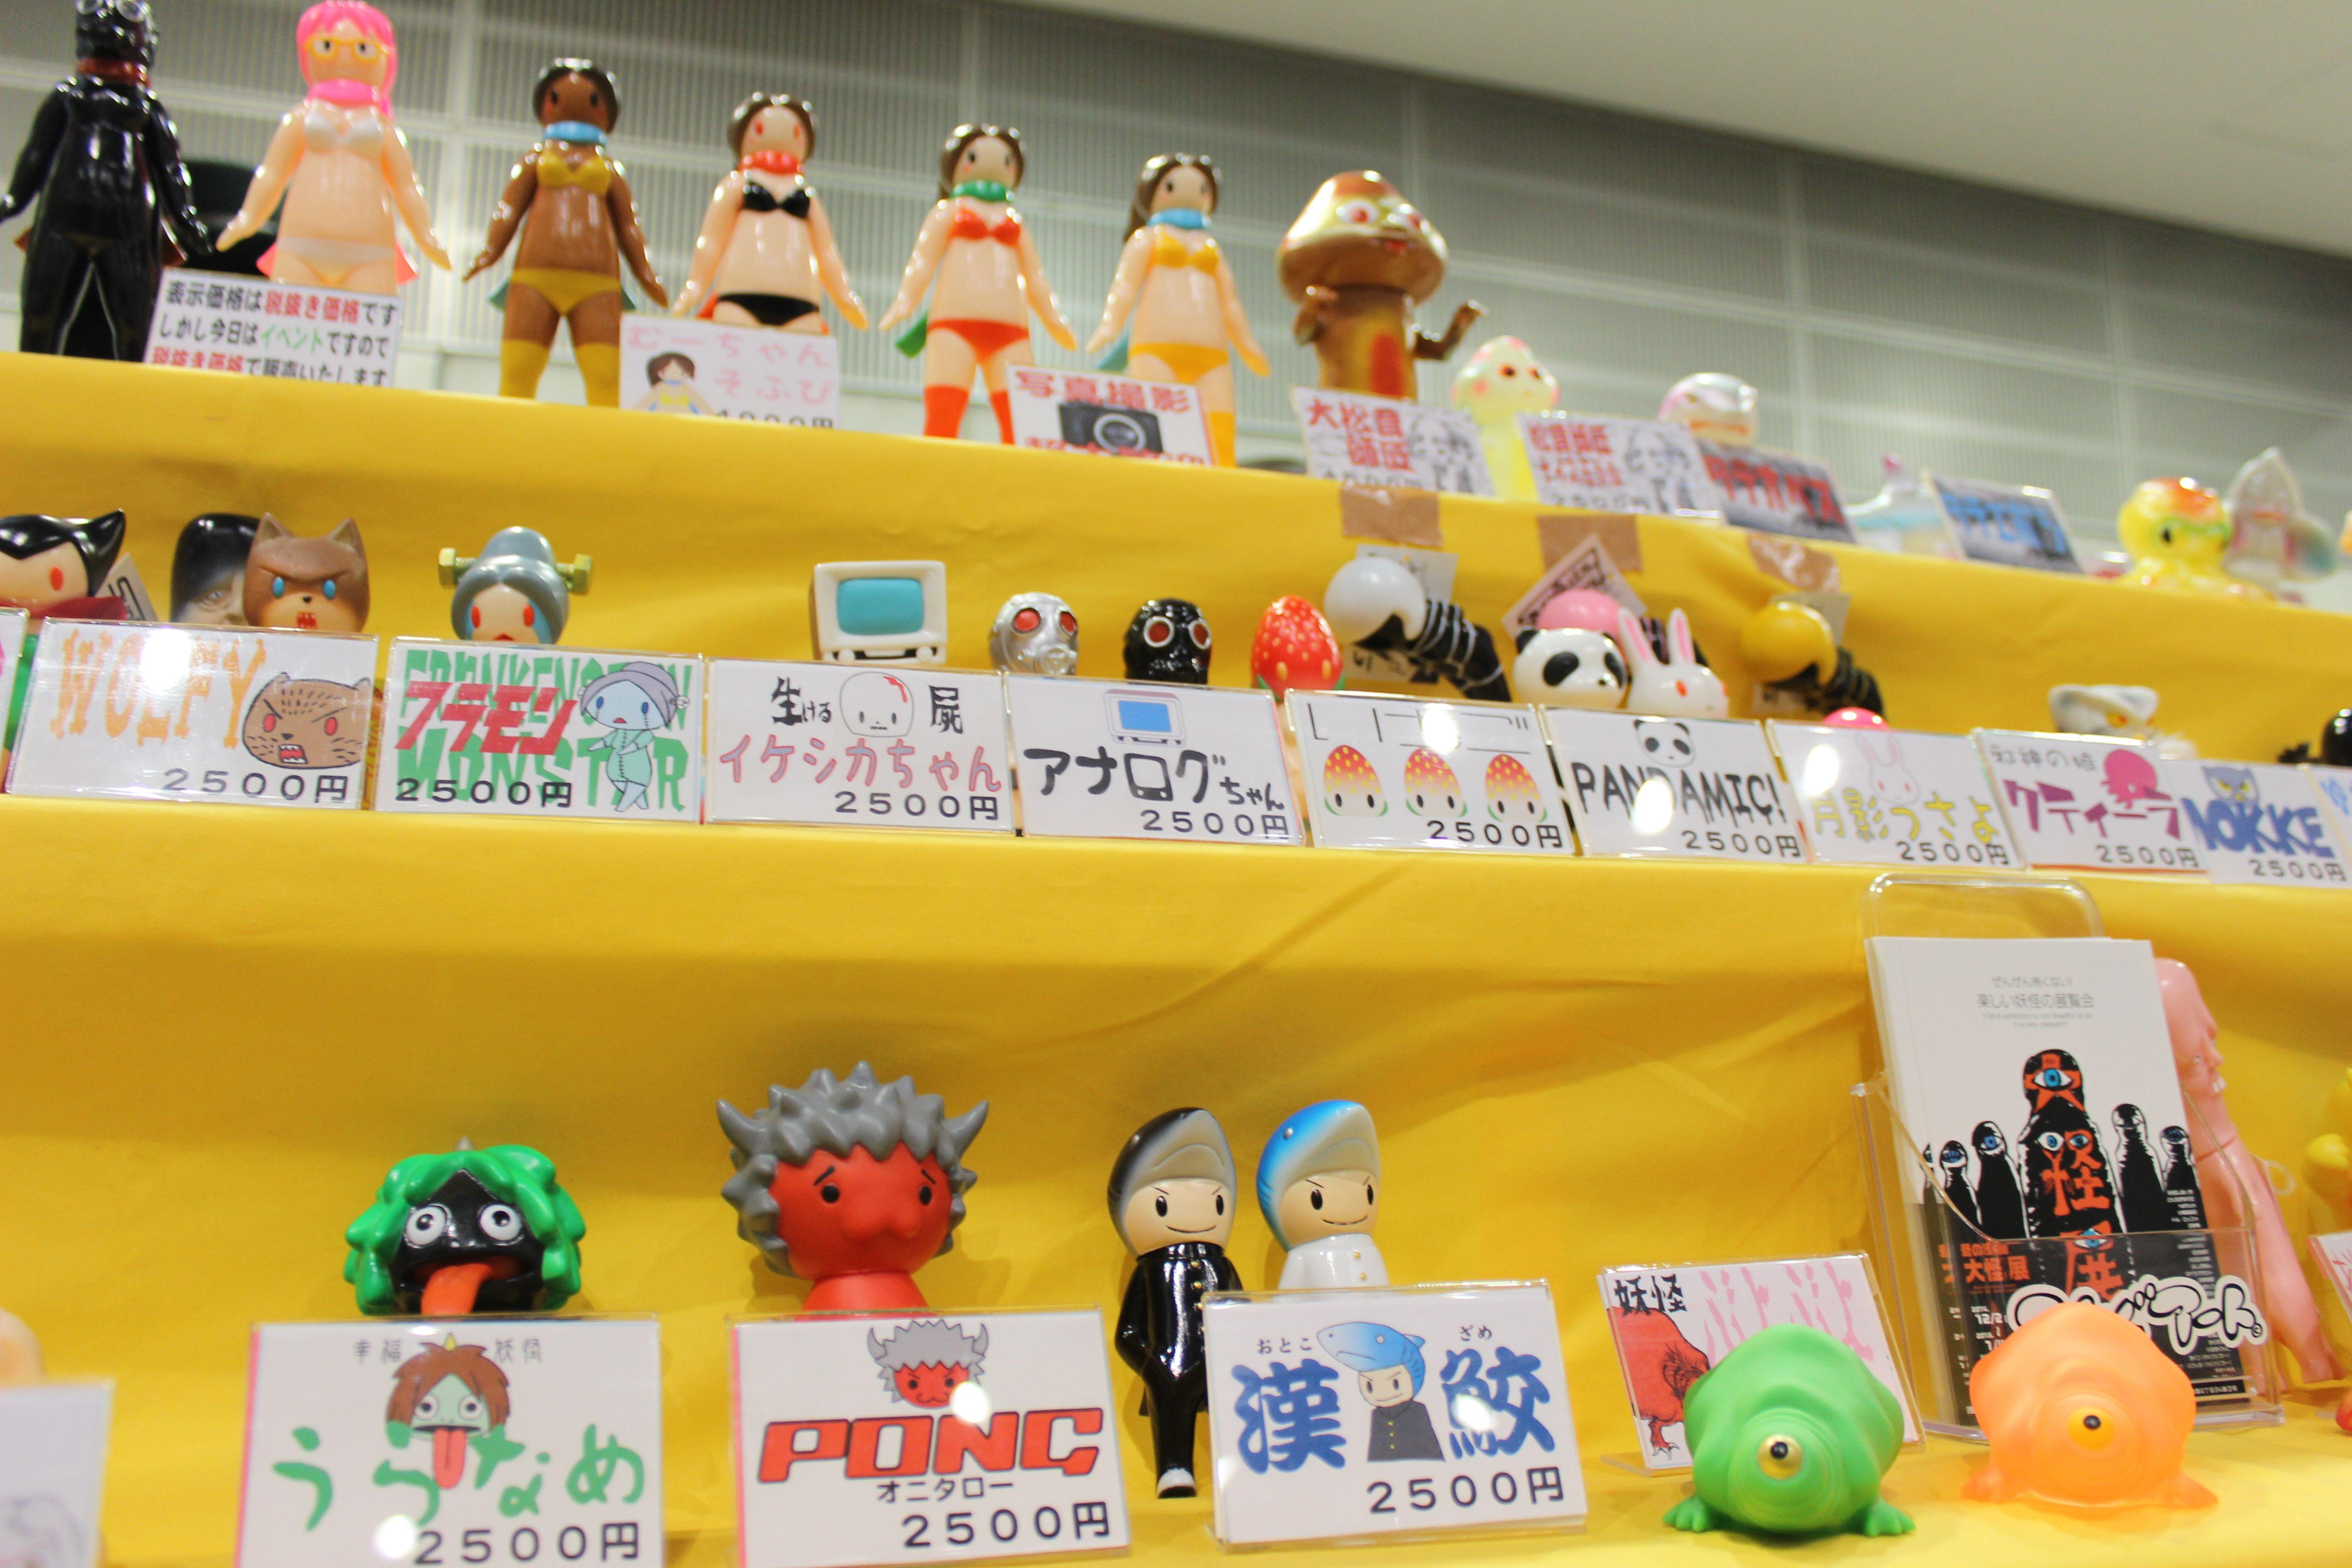 デザインフェスタvol.40~大好きなアーティストの皆さんと出会える至福のひととき!日本最大のアートイベントを楽しむ!